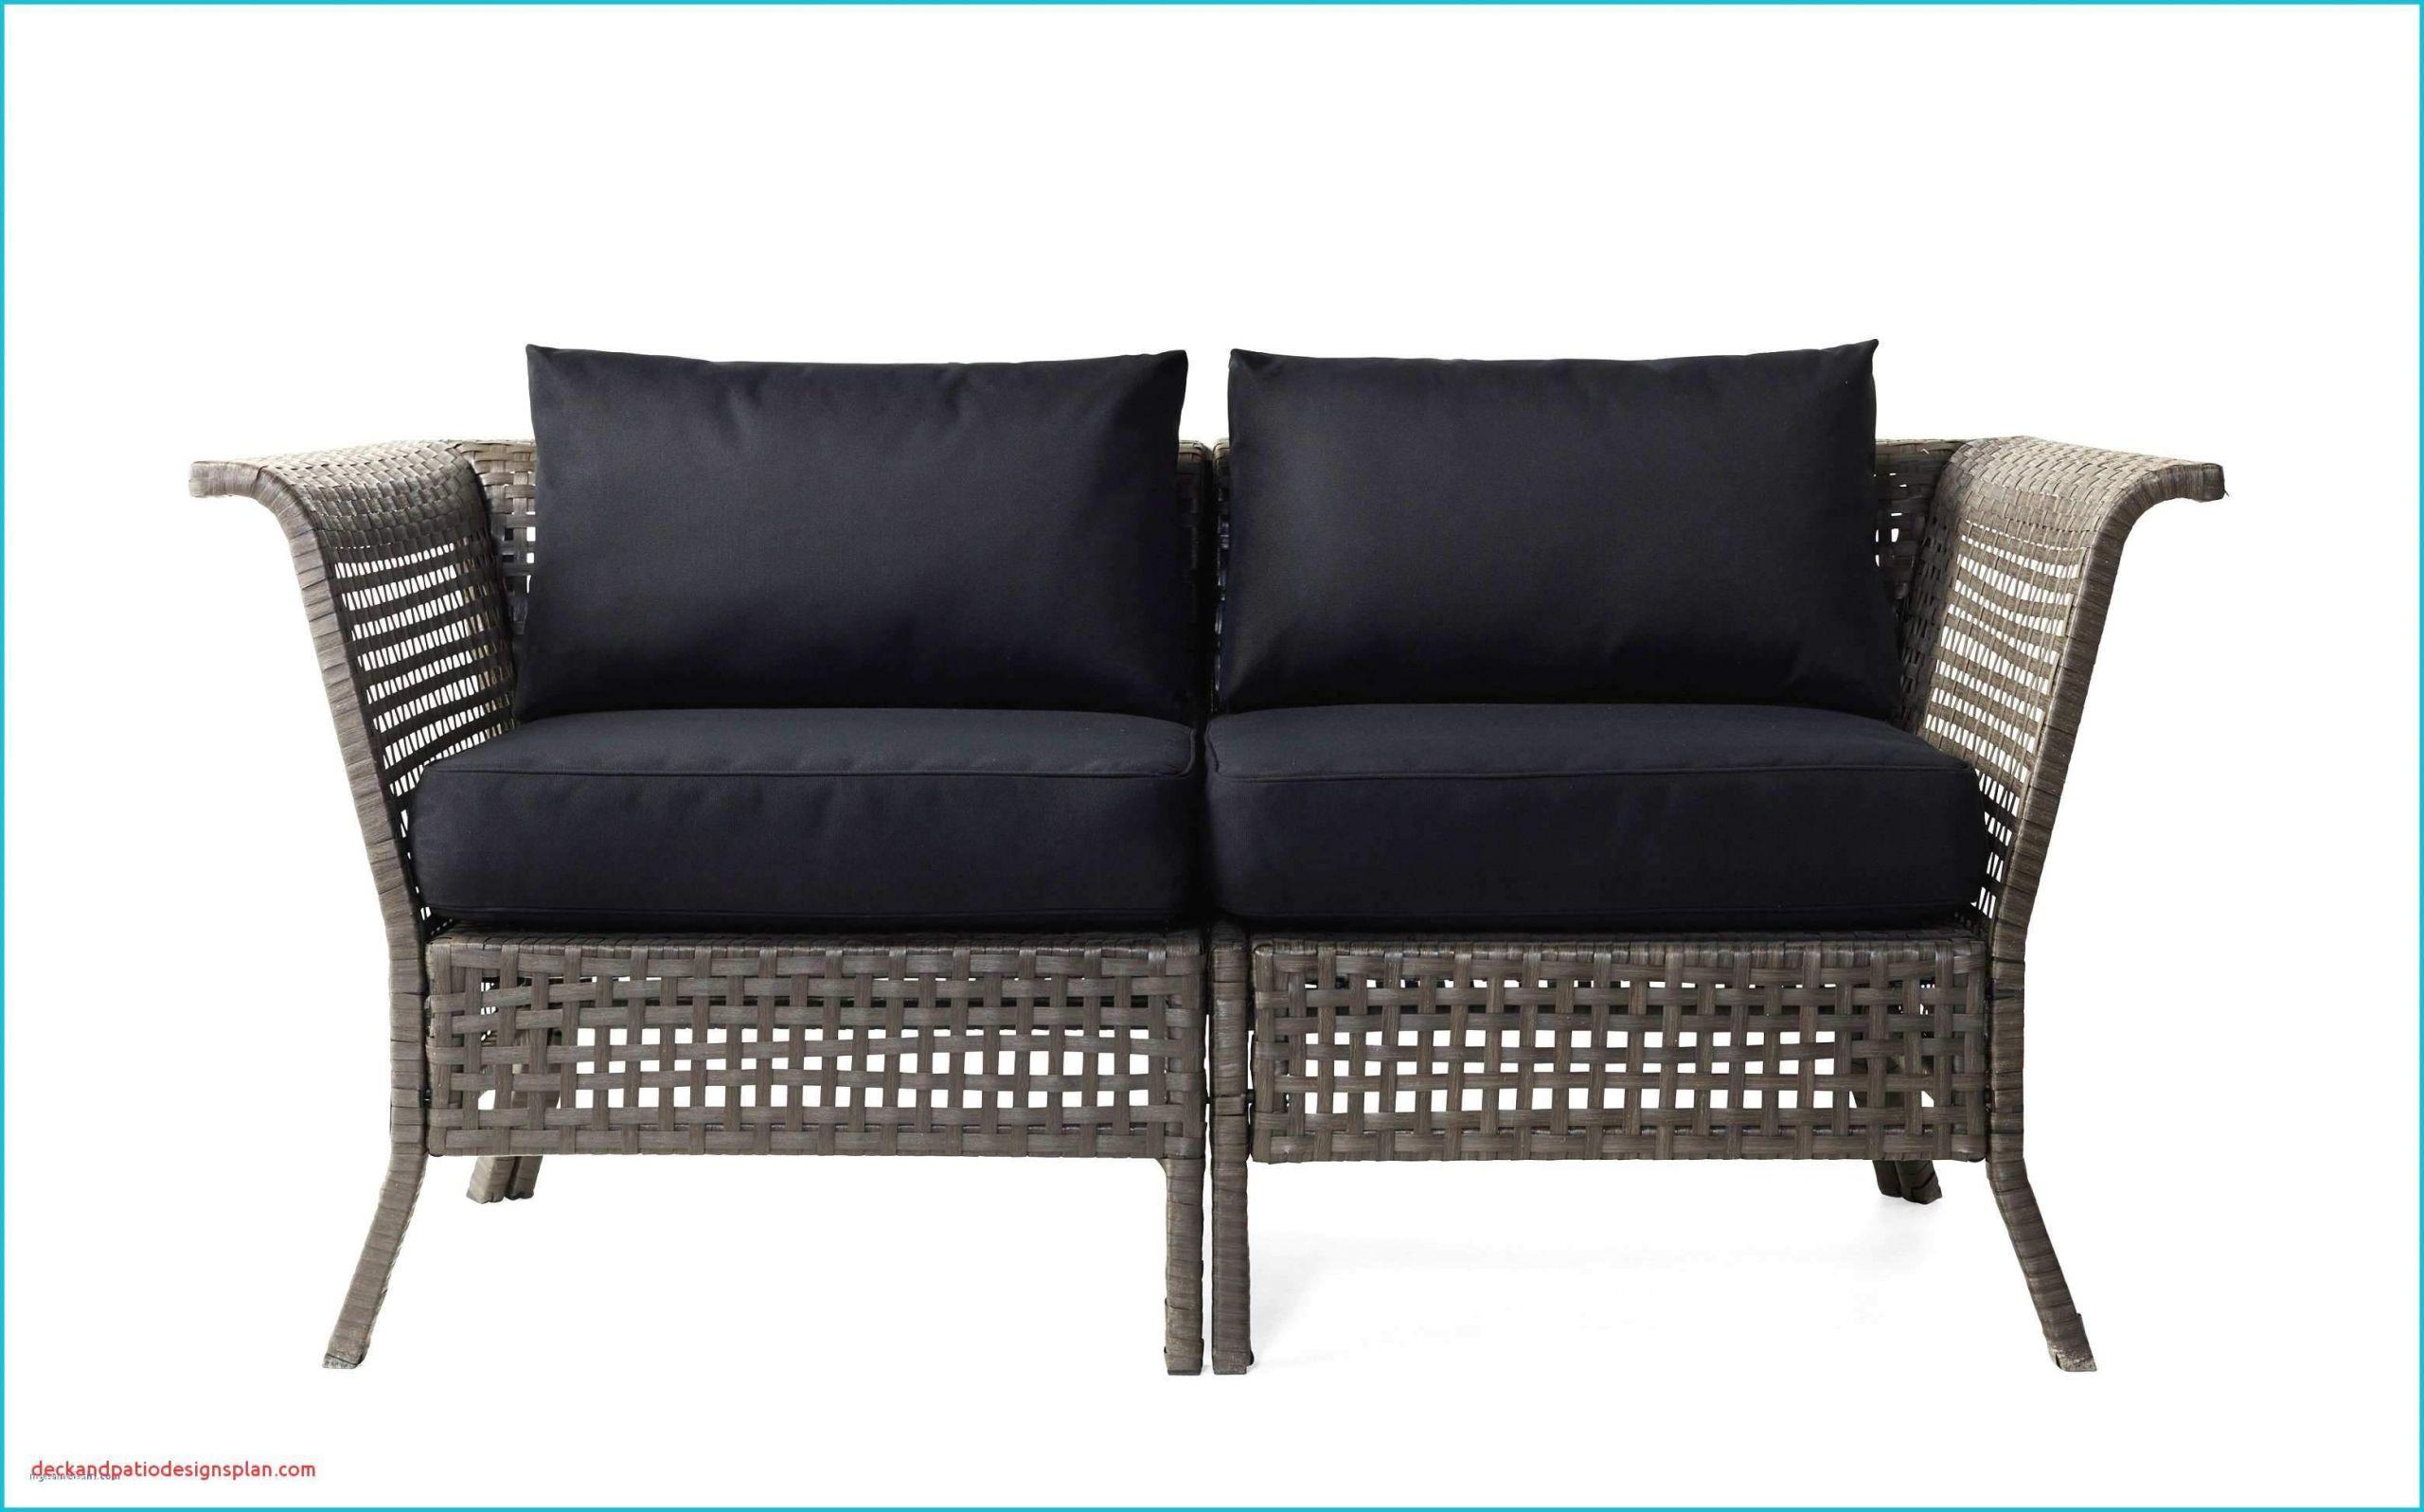 garten couch genial sofa und sessel elegant rattan sessel rattan couch 0d of garten couch scaled